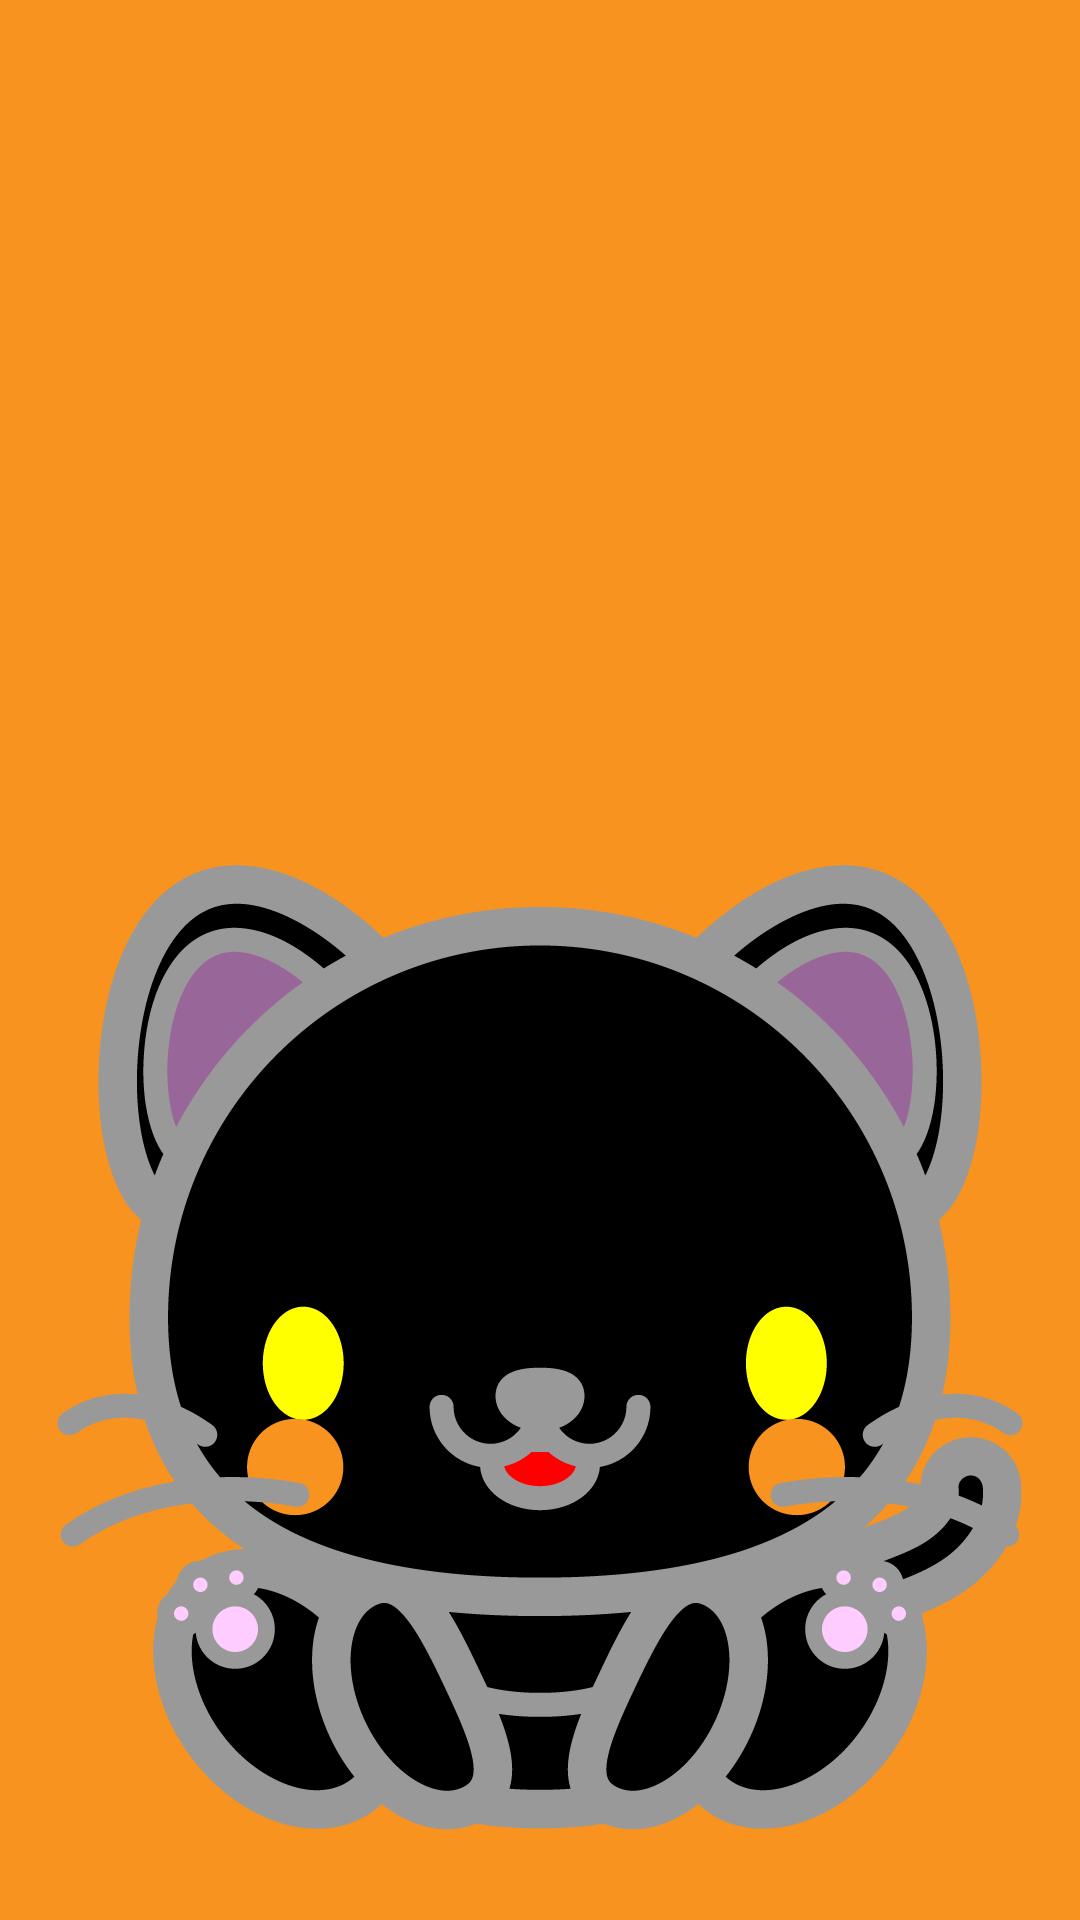 かわいい座り黒猫壁紙(iPhone)の無料イラスト・商用フリー